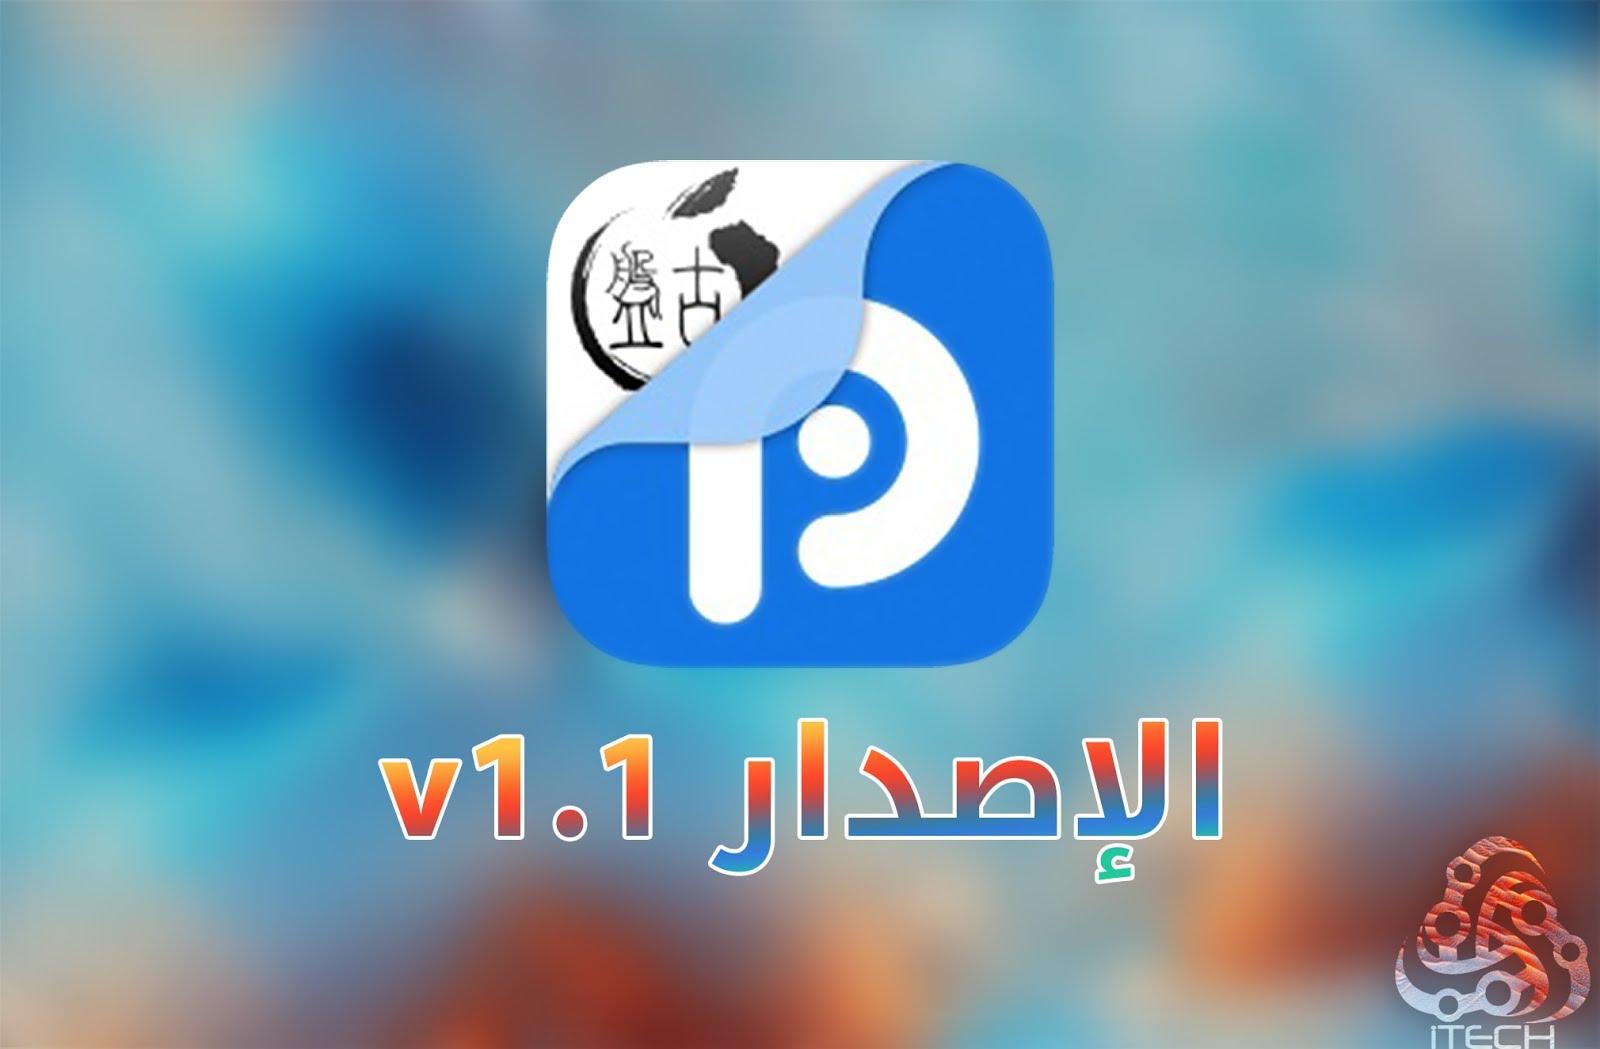 تحديث اداة الجلبريك Pangu 9.2 - 9.3.3 الى الاصدار 1.1